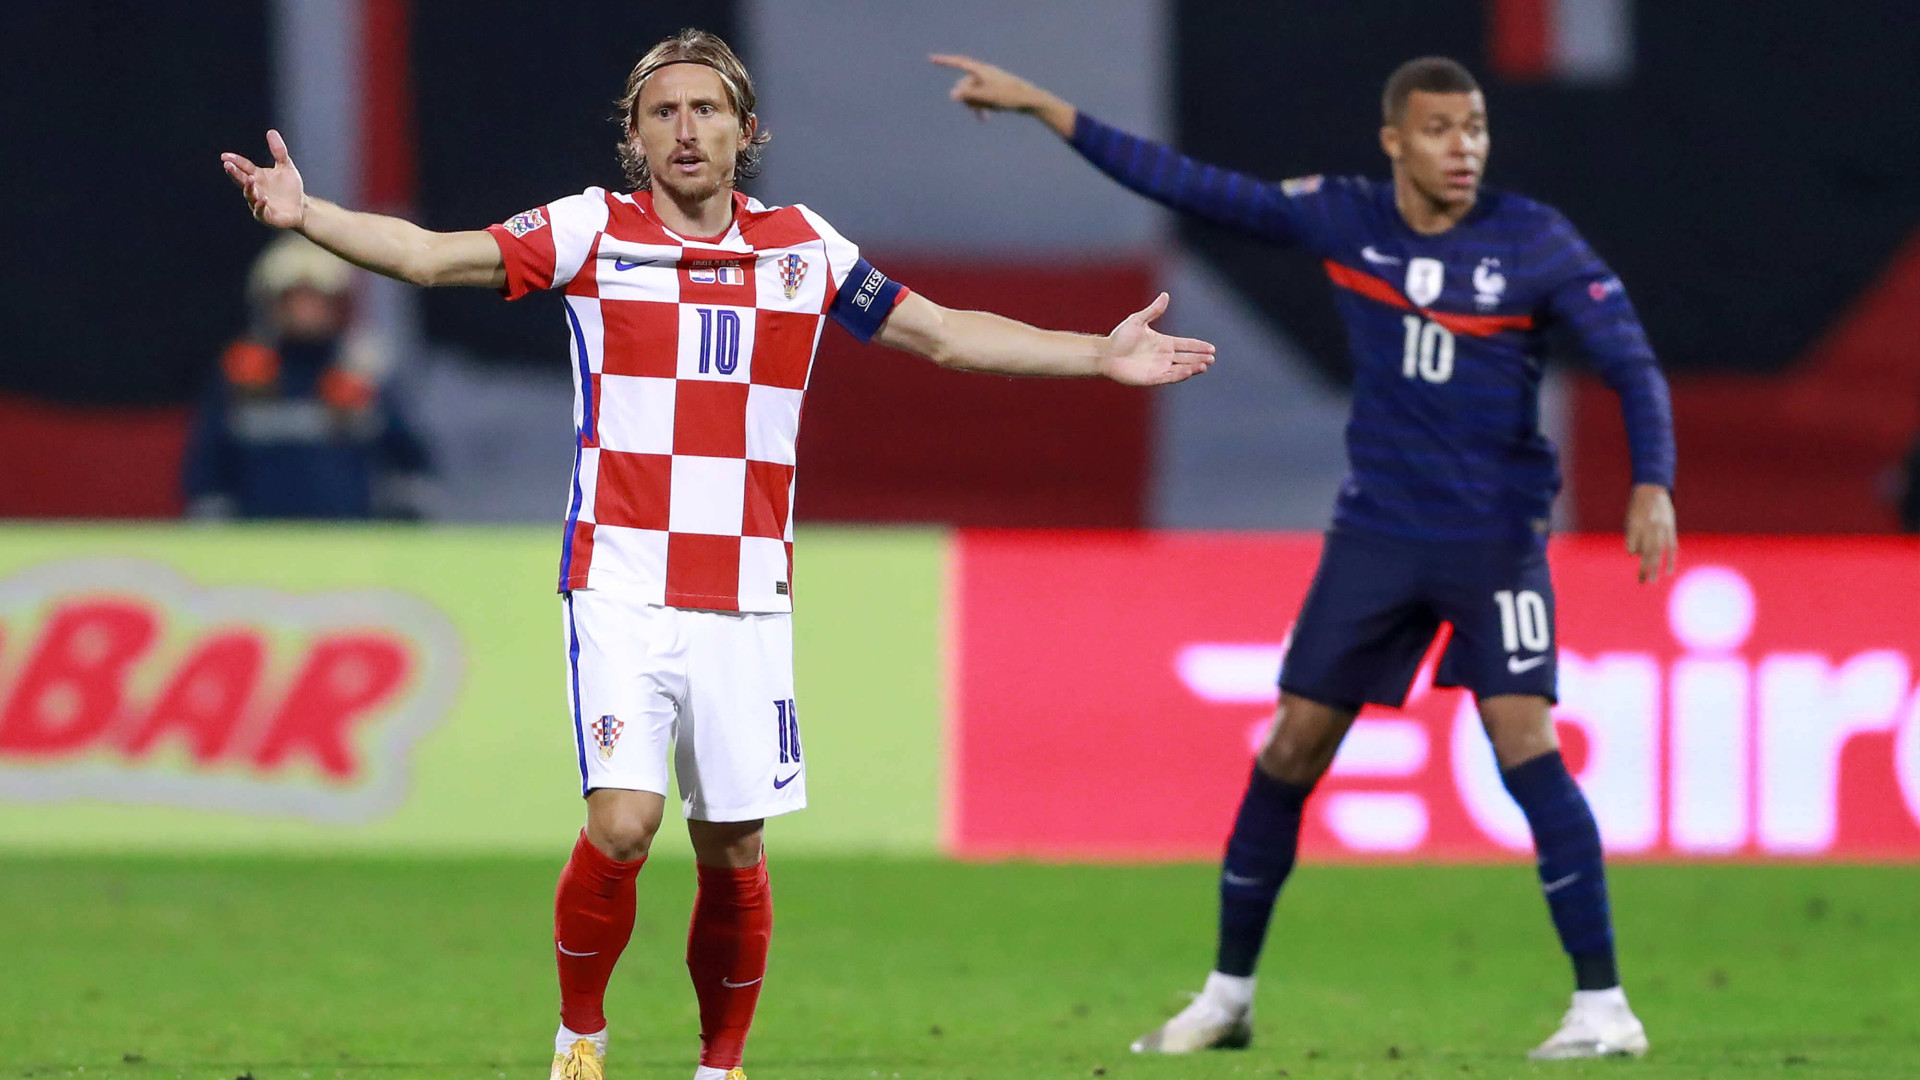 Spiel TГјrkei Kroatien